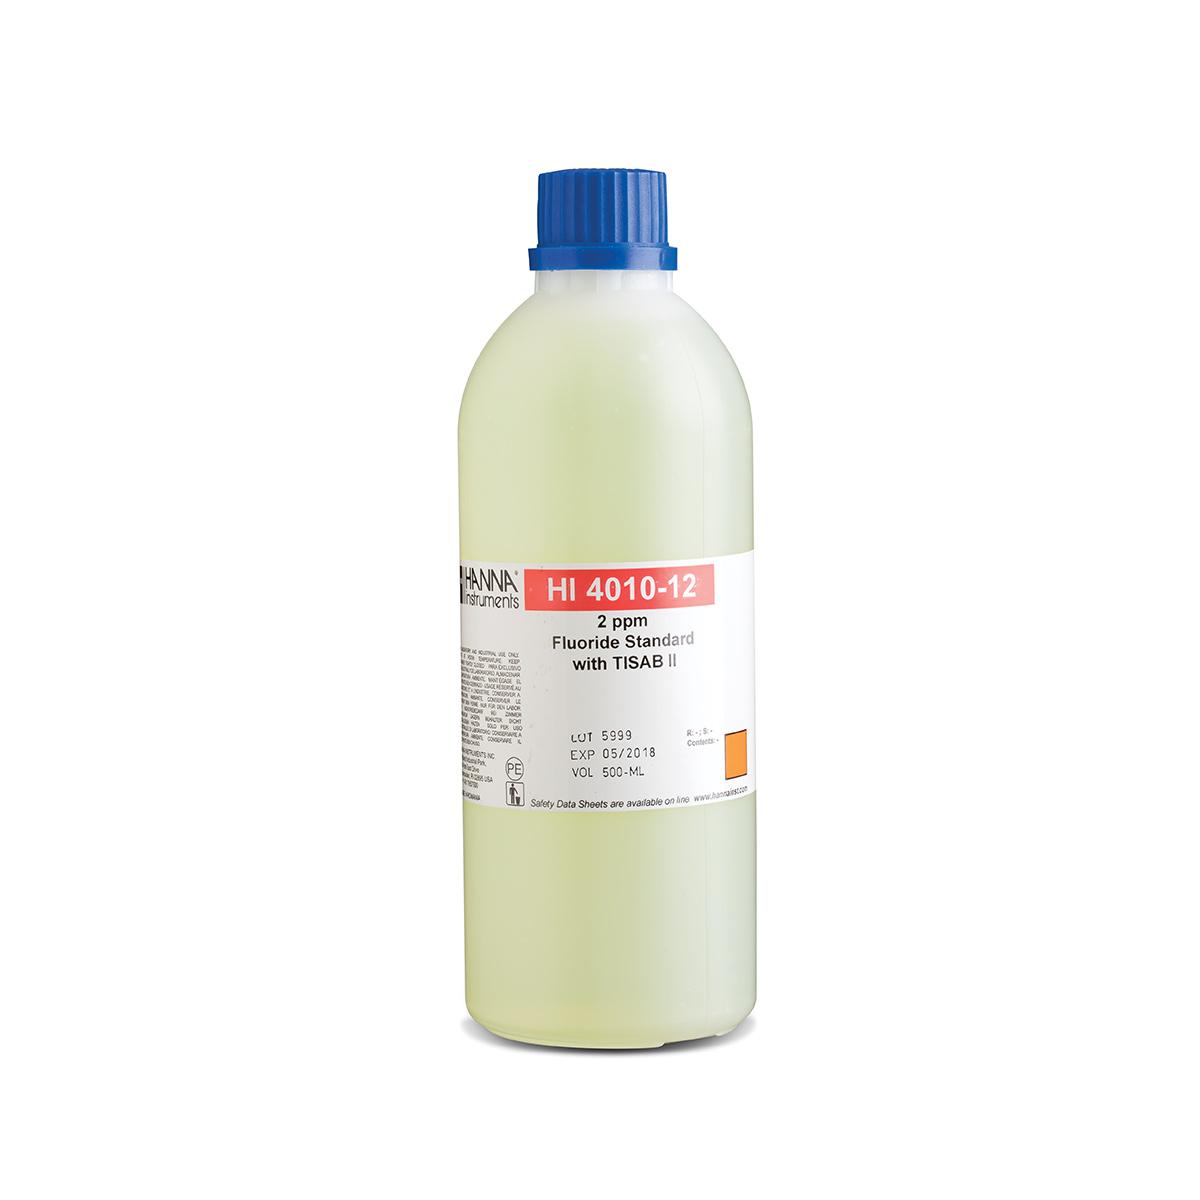 Solución Estándar de Fluoruro de 2 ppm con TISAB II para ISE - HI4010-12